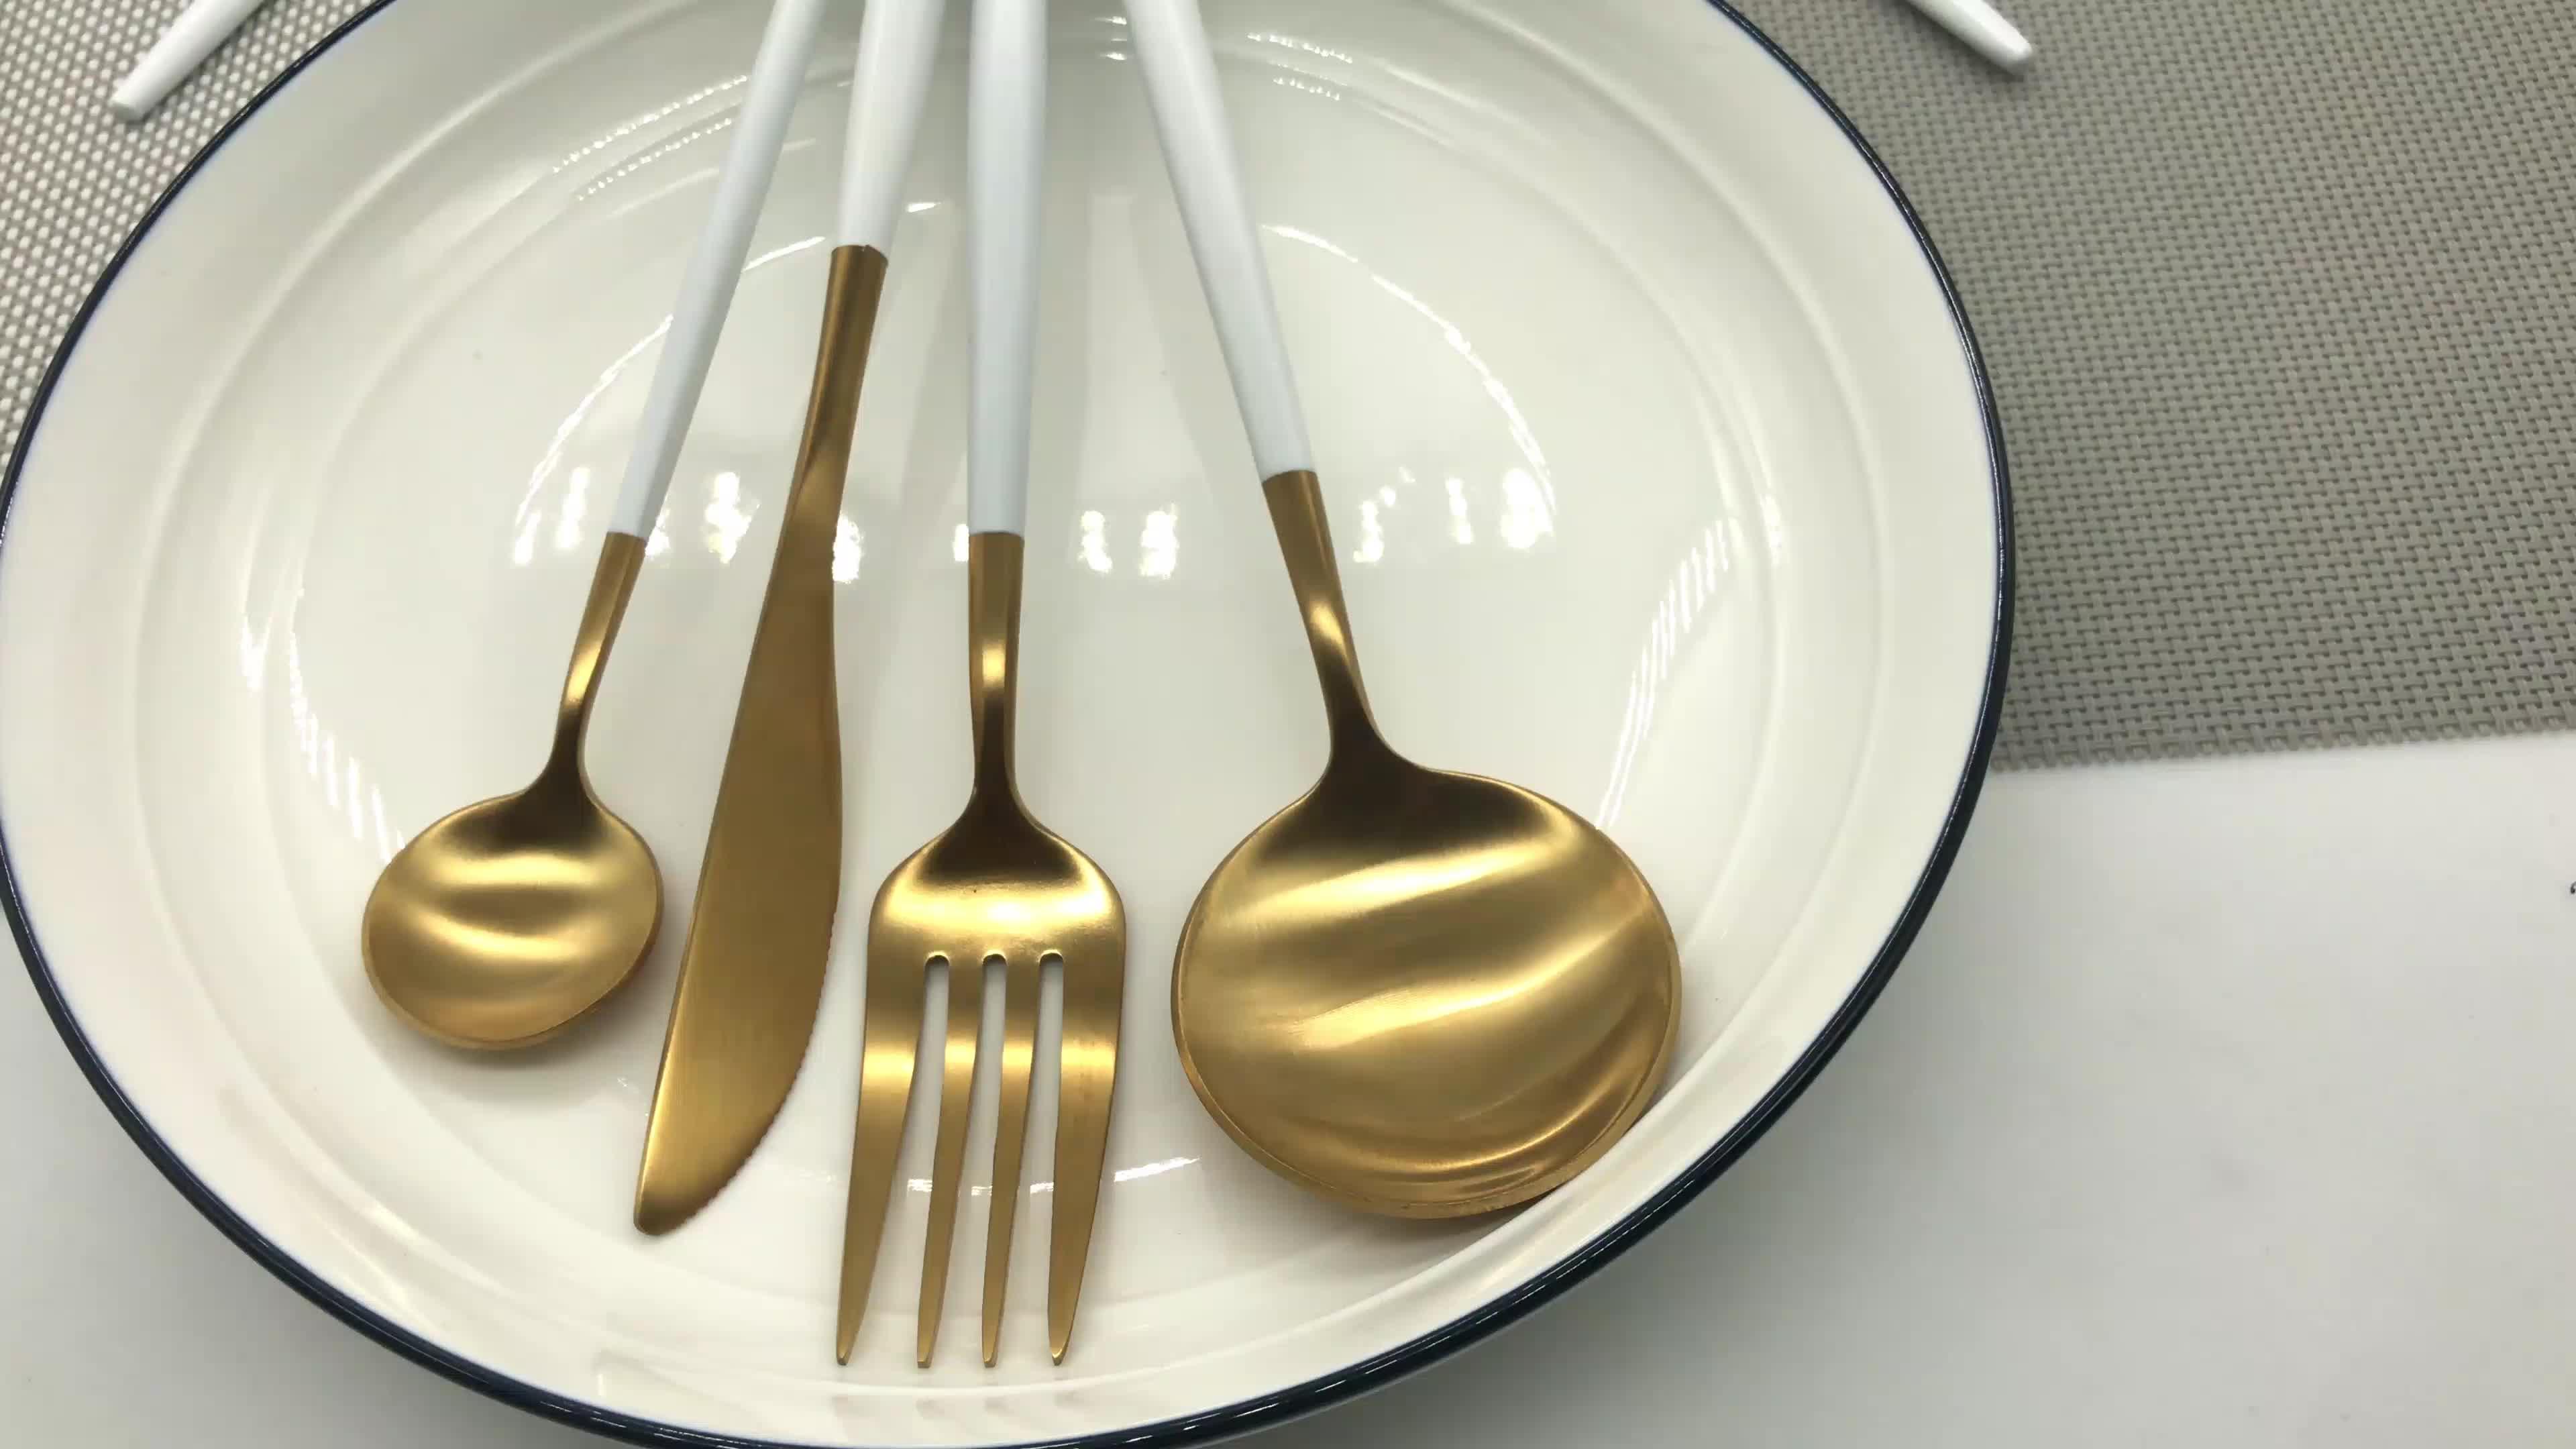 やさしい再利用可能なゴールドメッキステンレス鋼食器ゴールド結婚式のカトラリーセット卸売